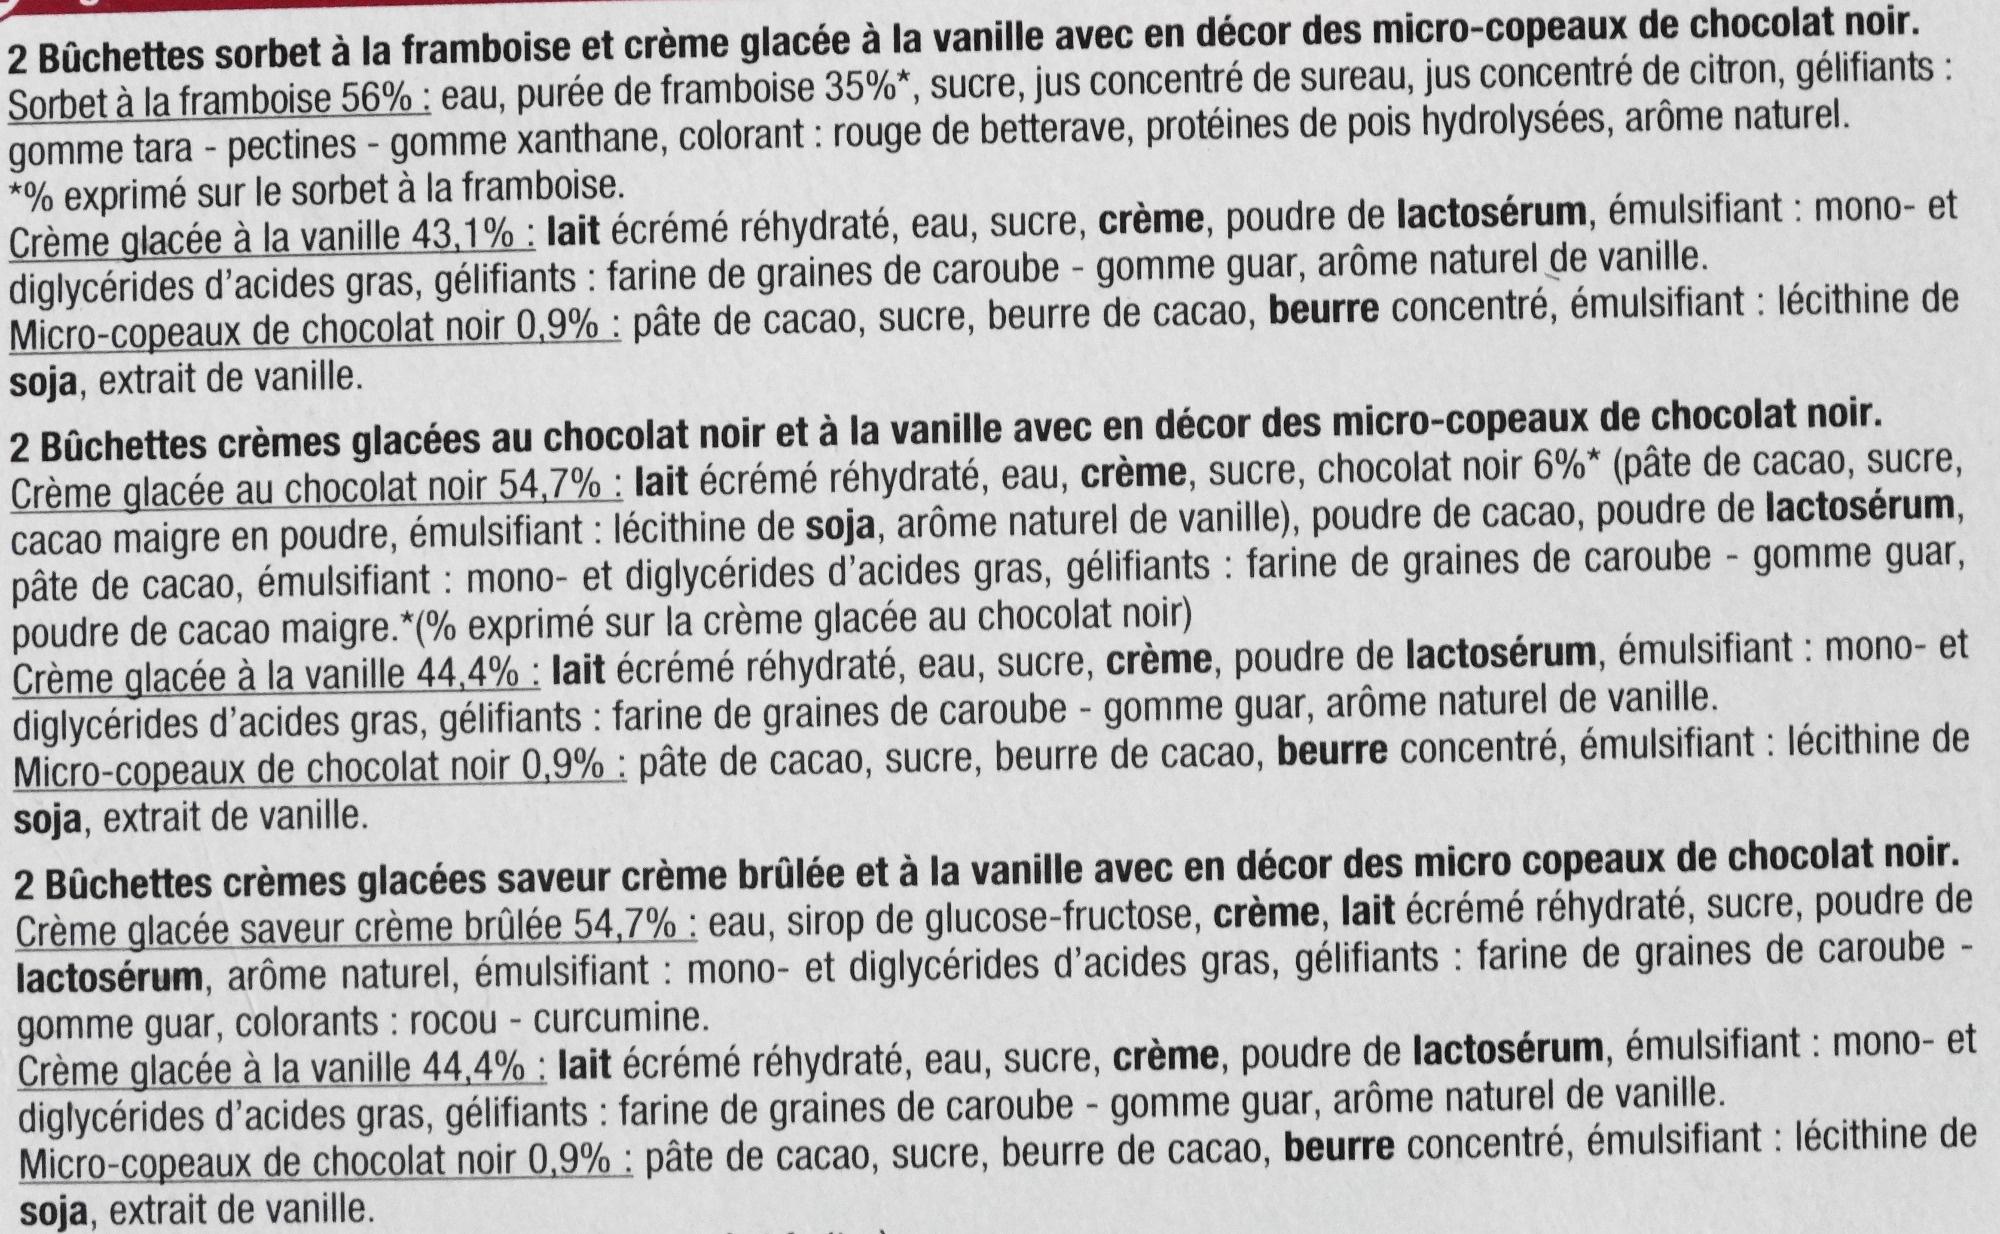 Bûchettes Glacées, saveurs vanille-crème brûlée, framboise, chocolat - Ingrédients